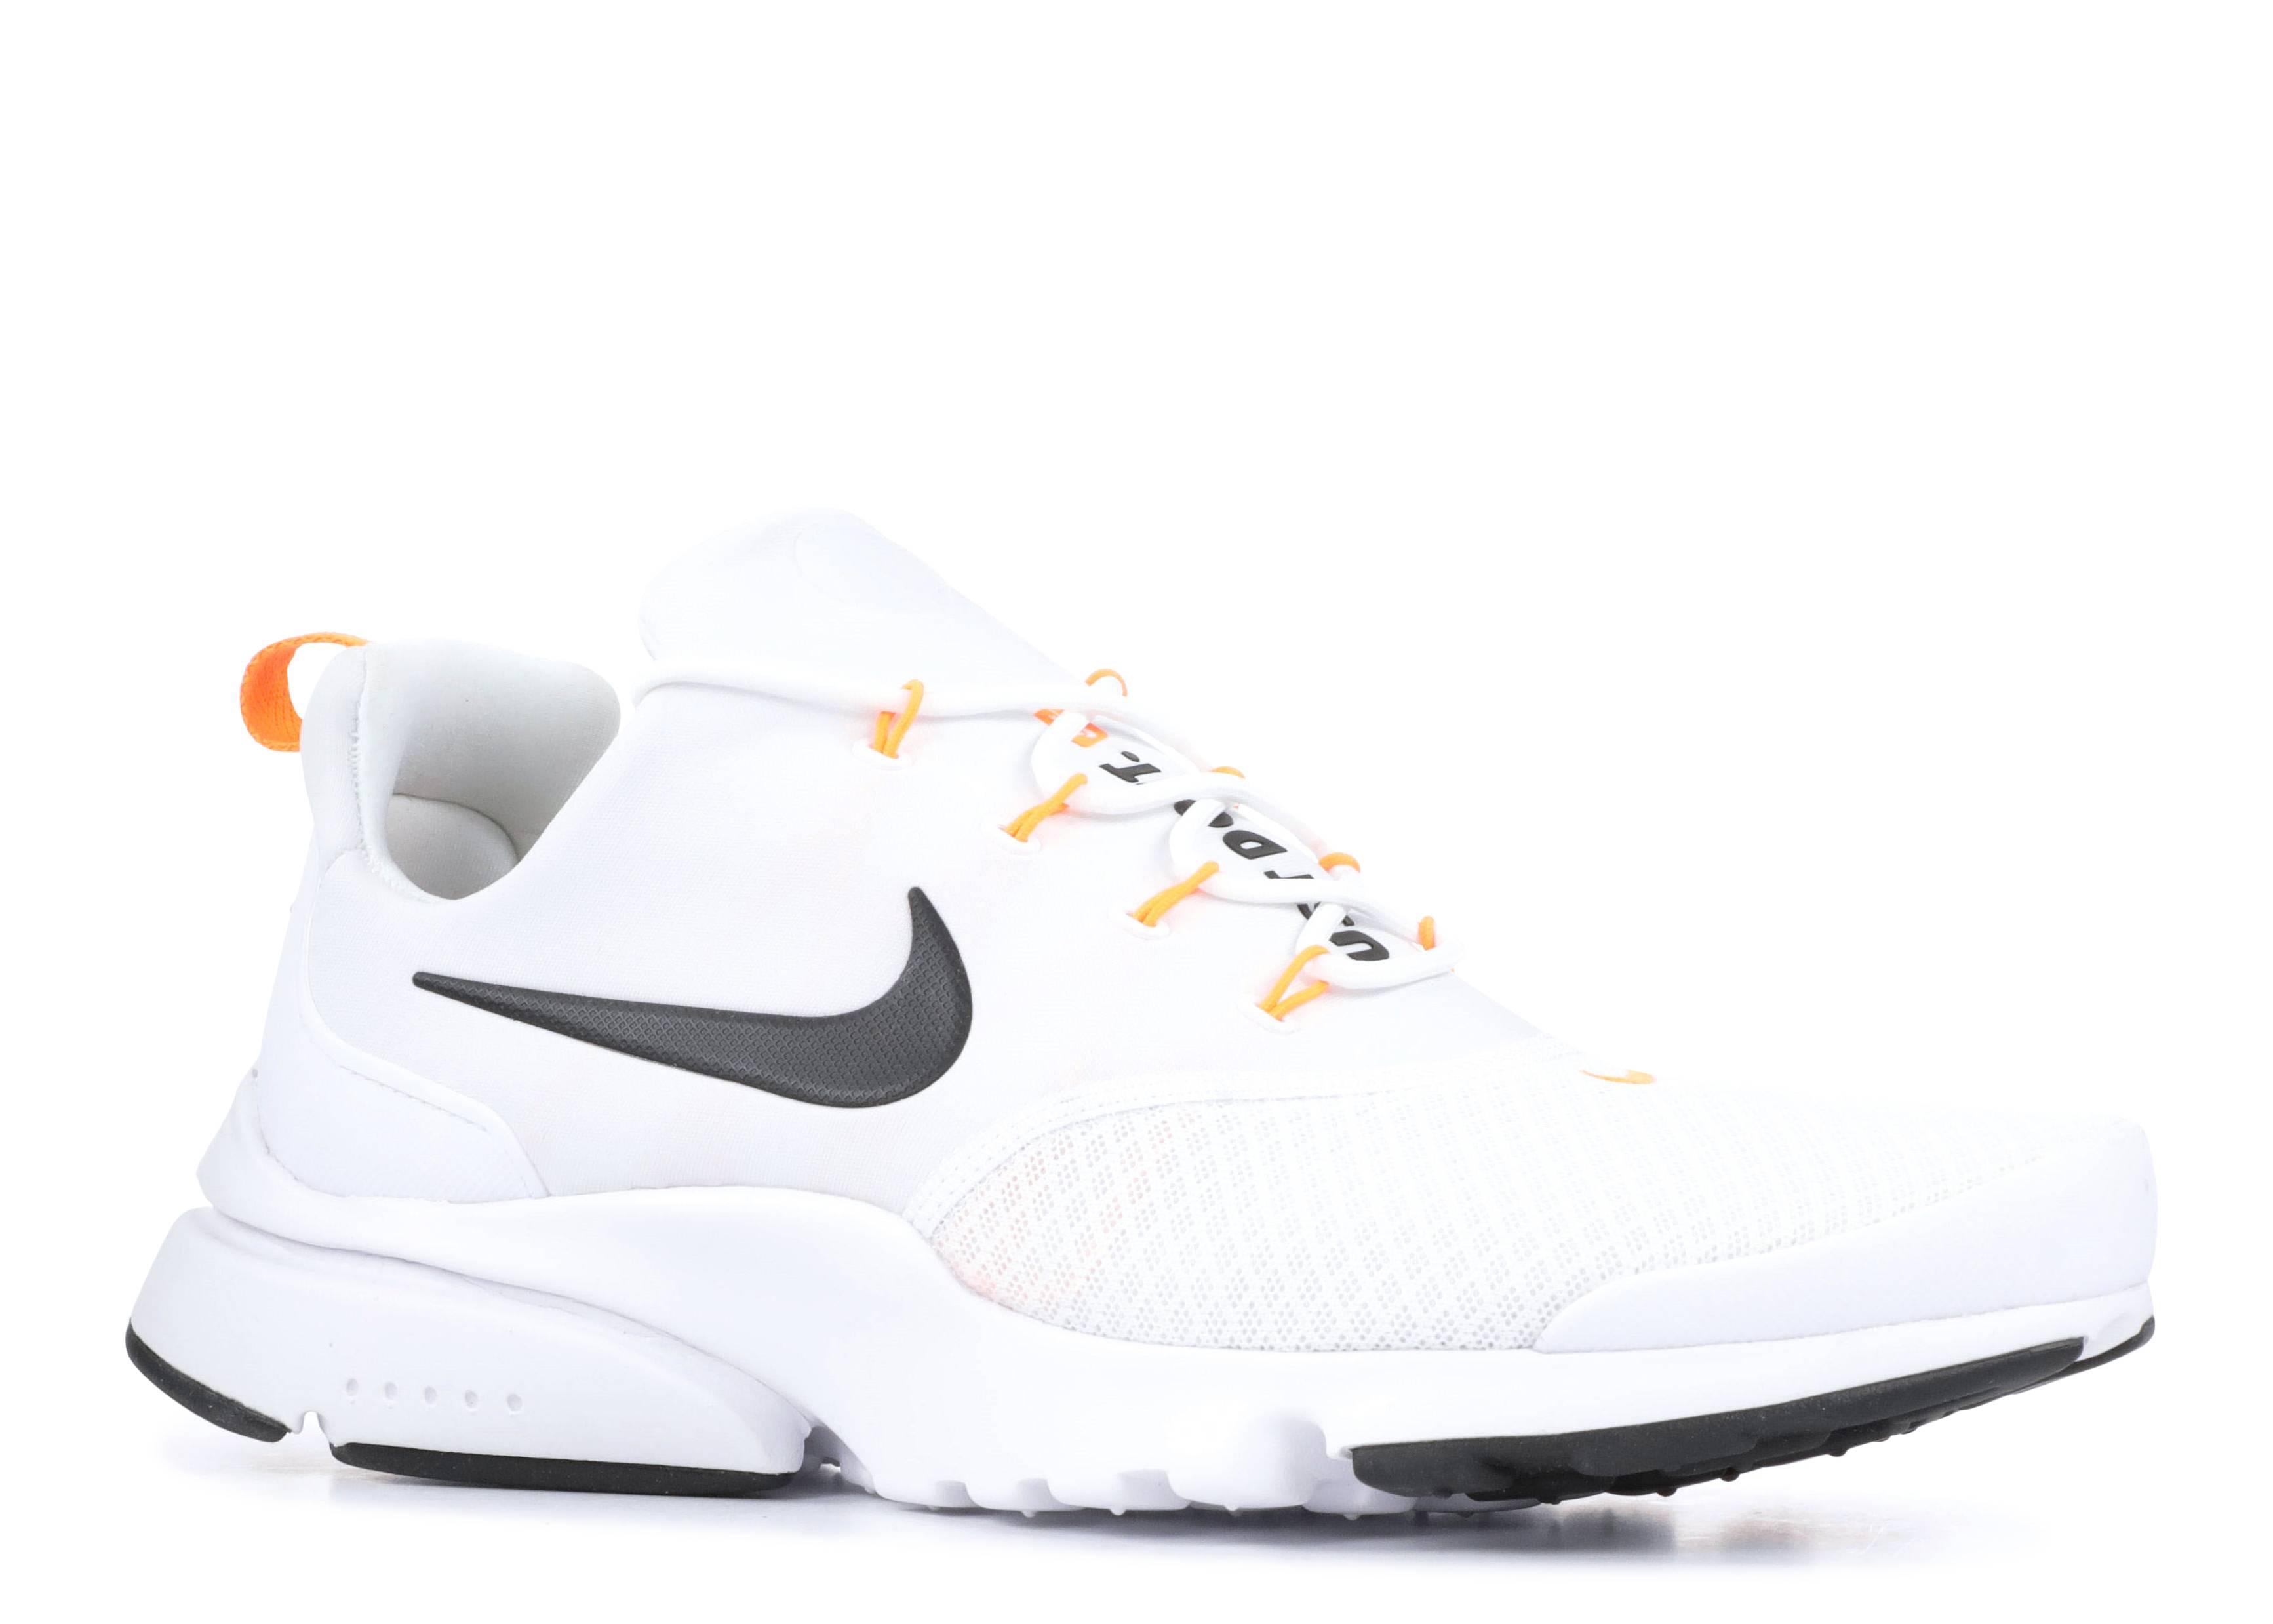 a7ef4fa9888 Nike Presto Fly Jdi